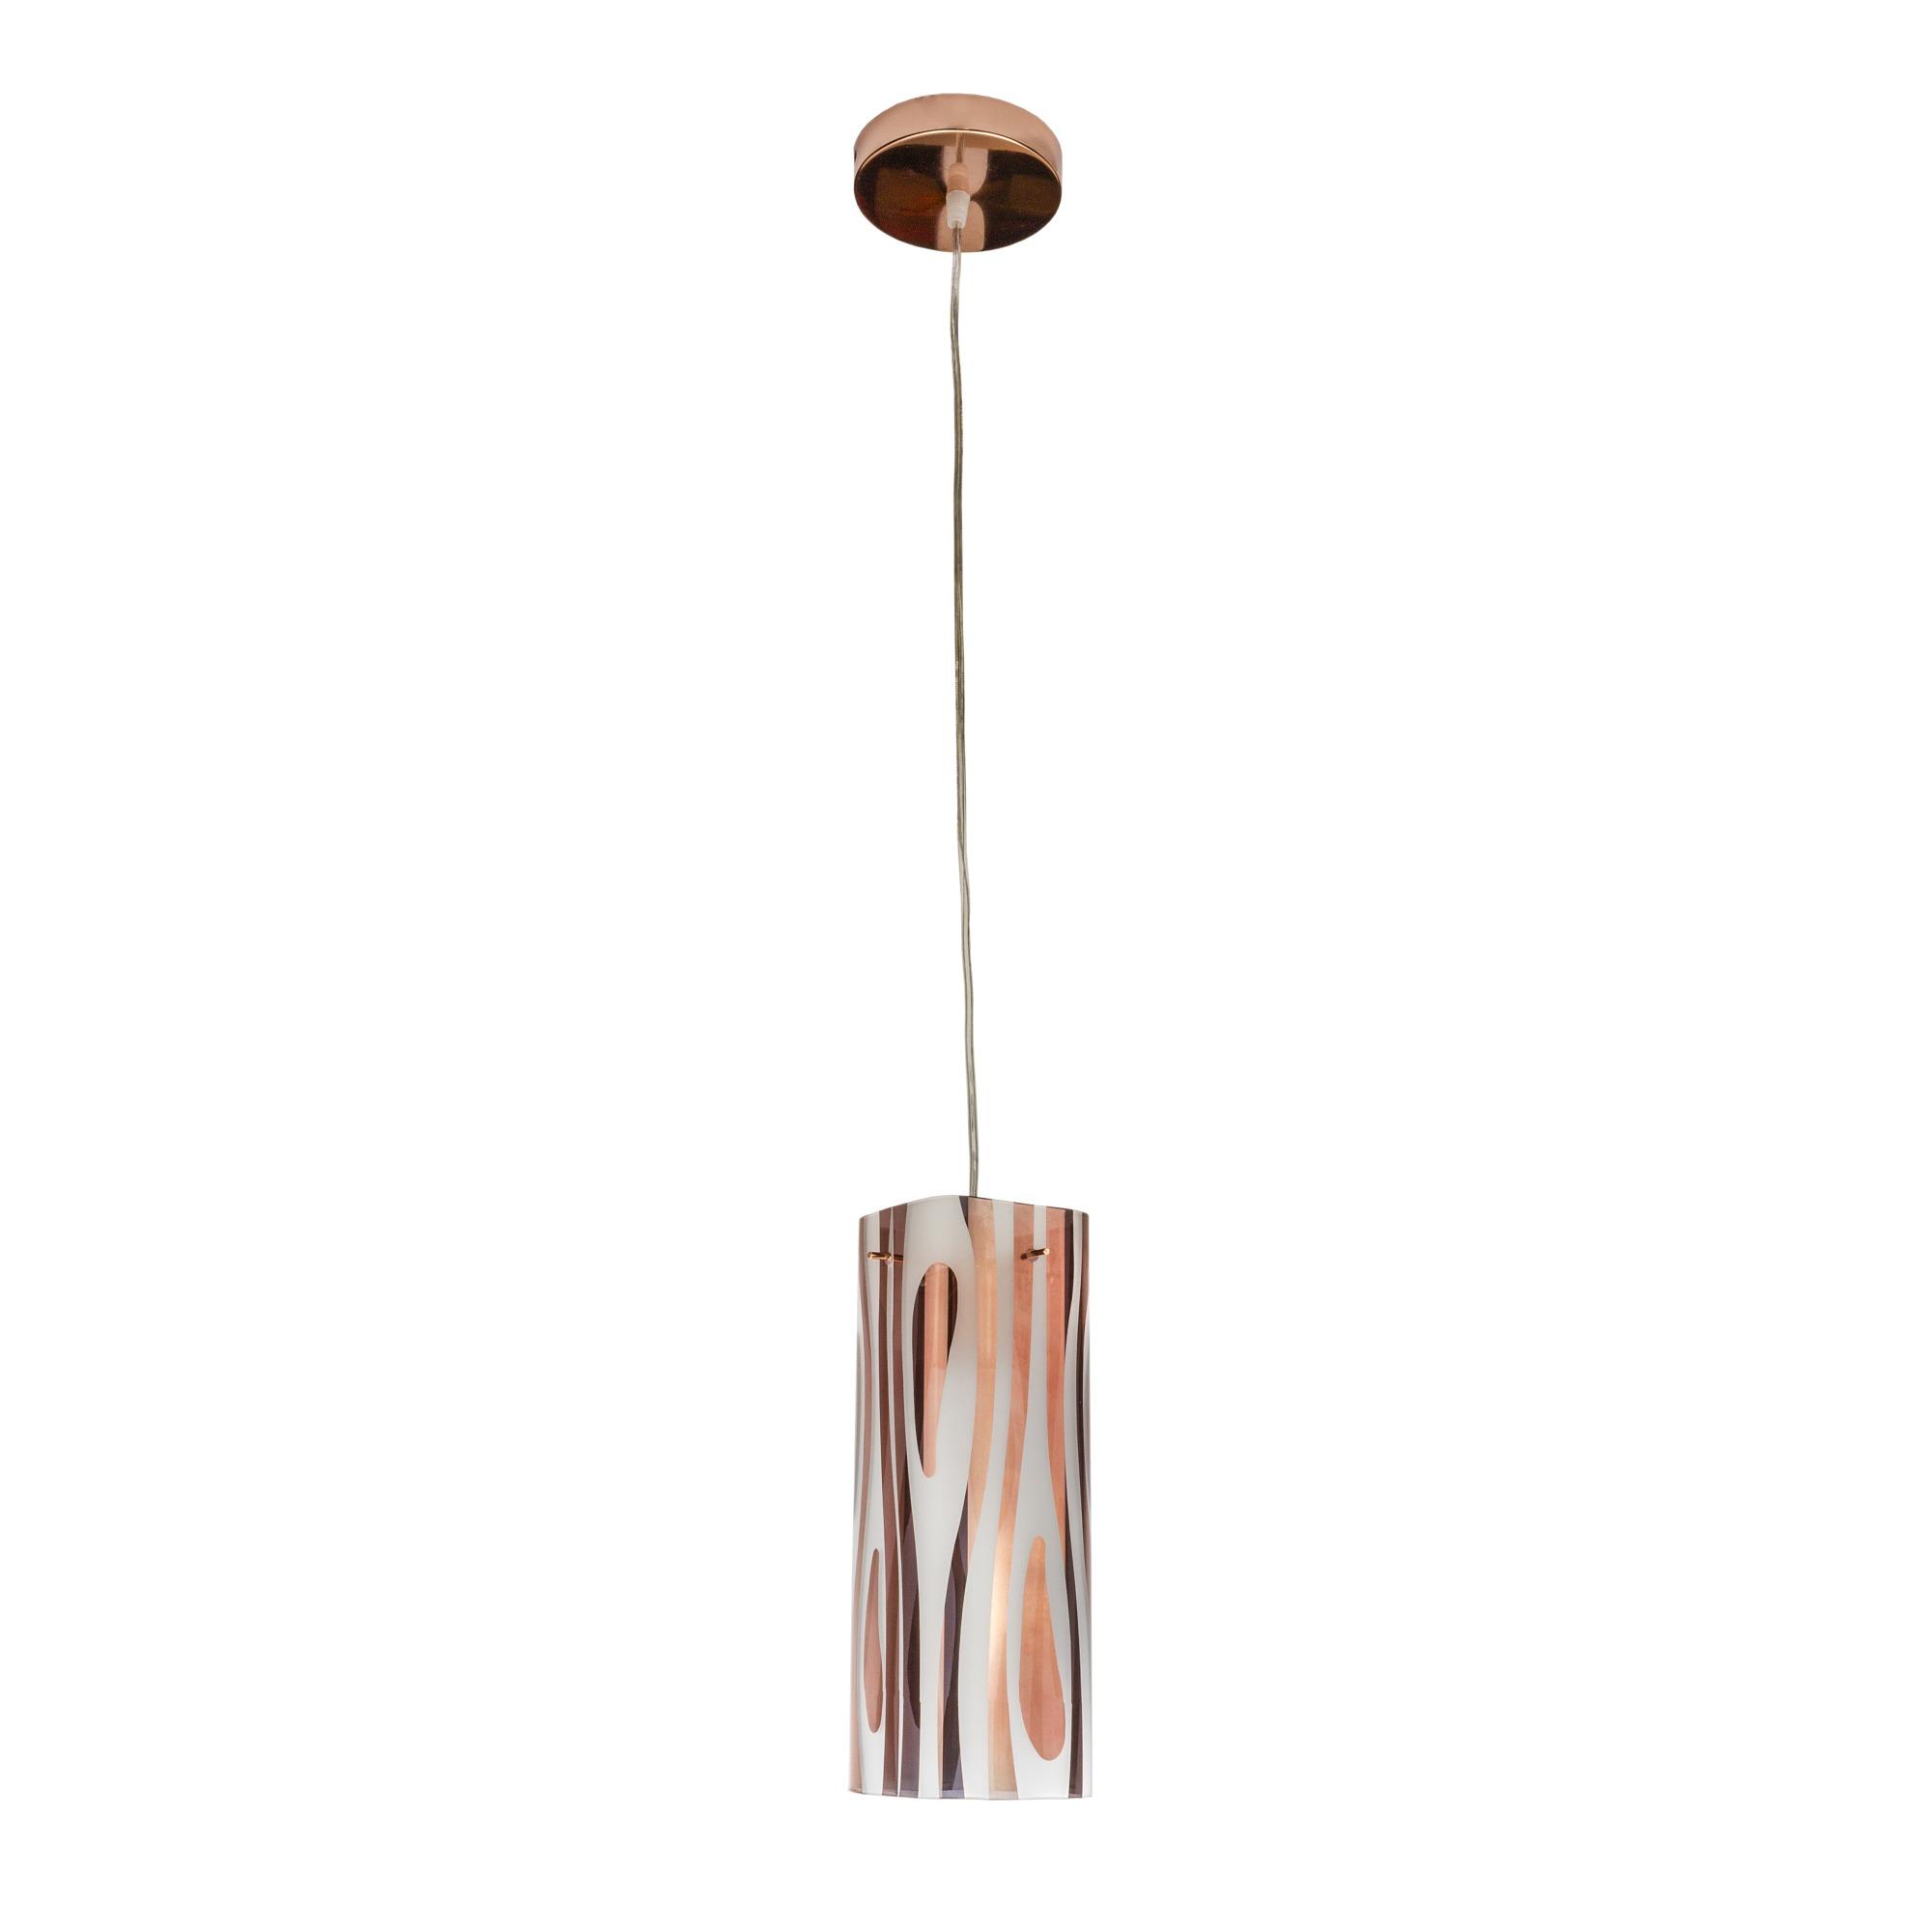 Pendente Aco e Vidro Zebra Quadrado 1 Lampada - Bronzearte